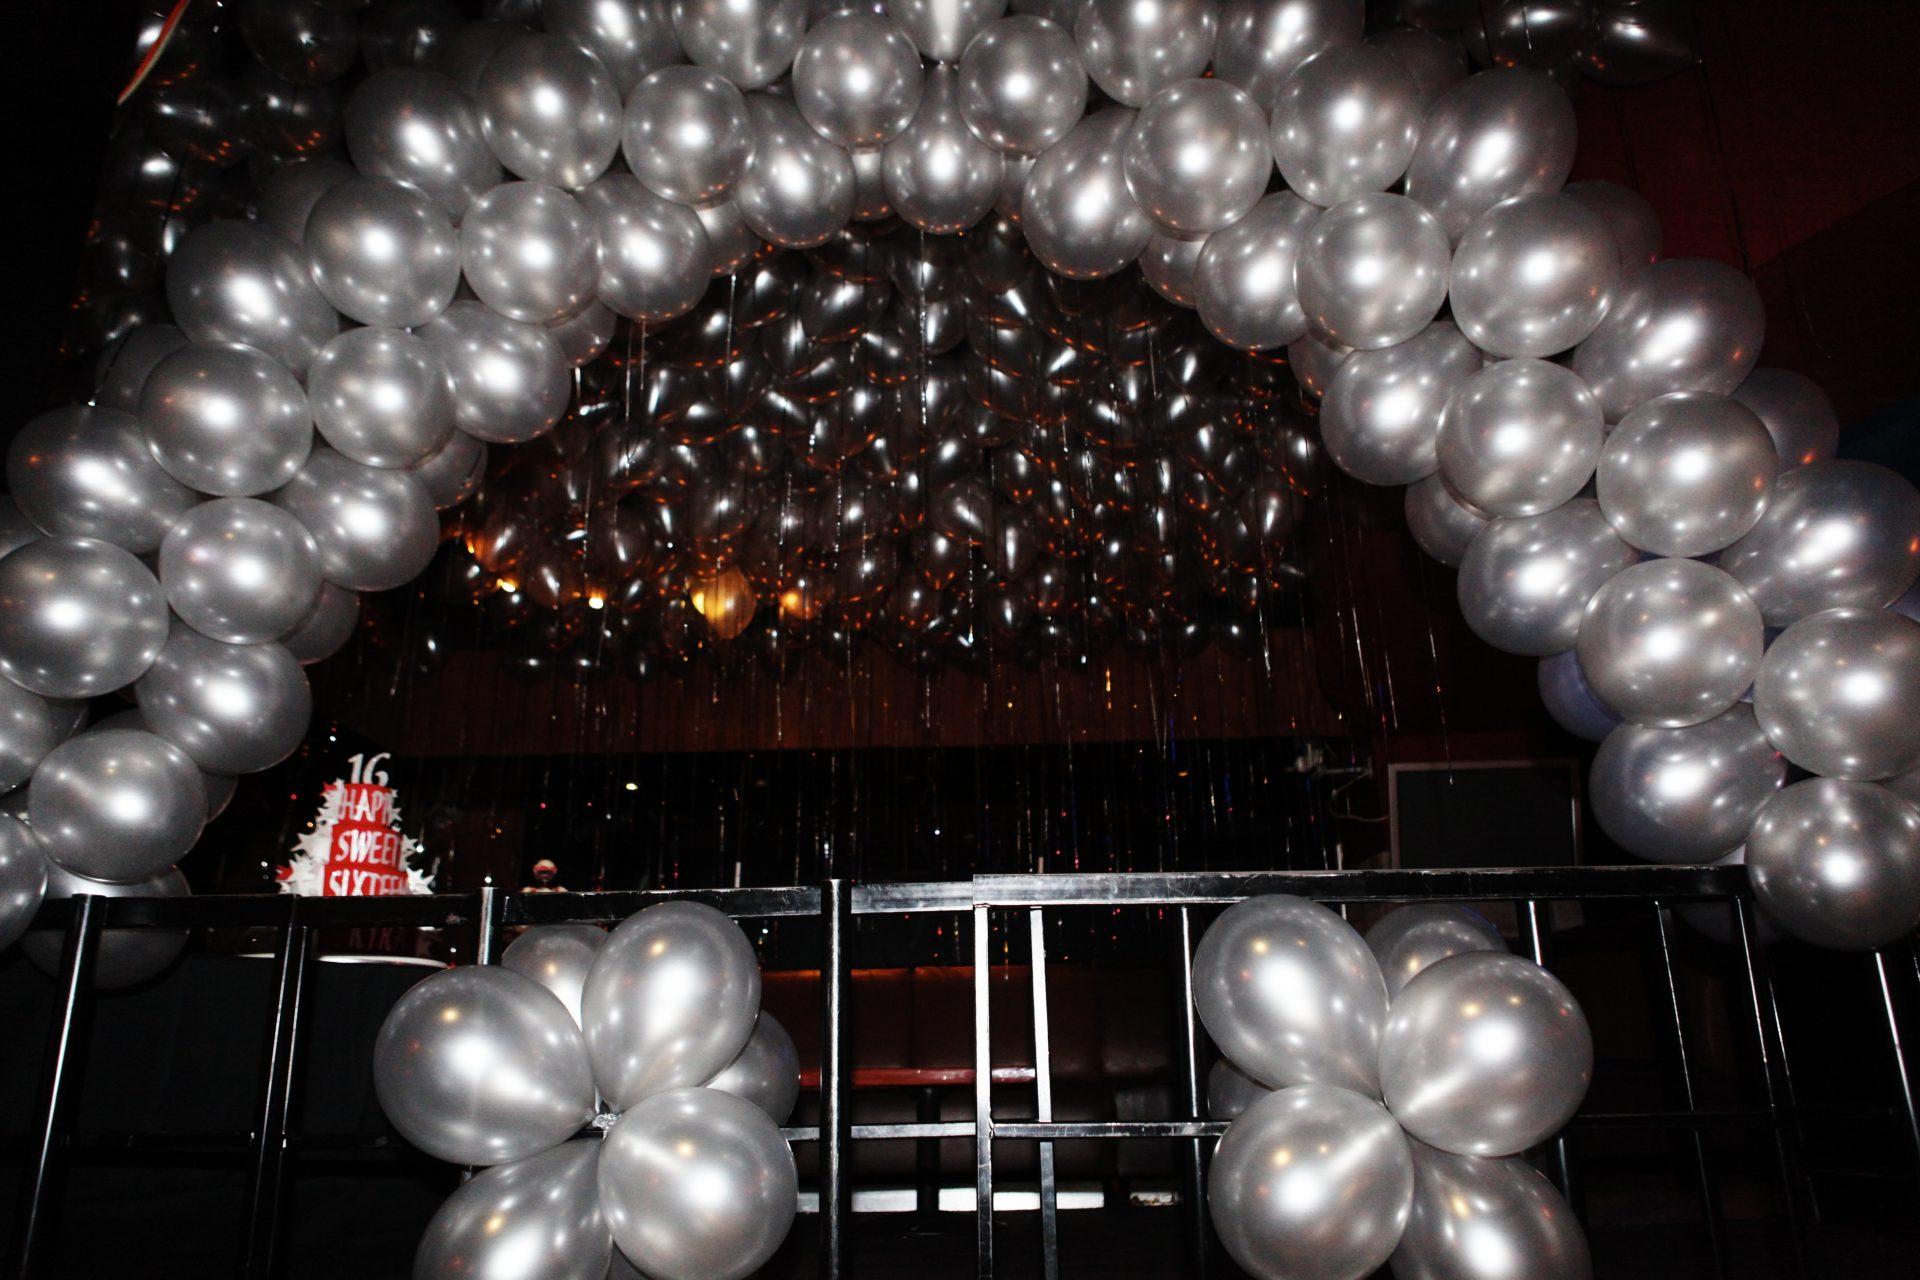 Balloon Decor NYC